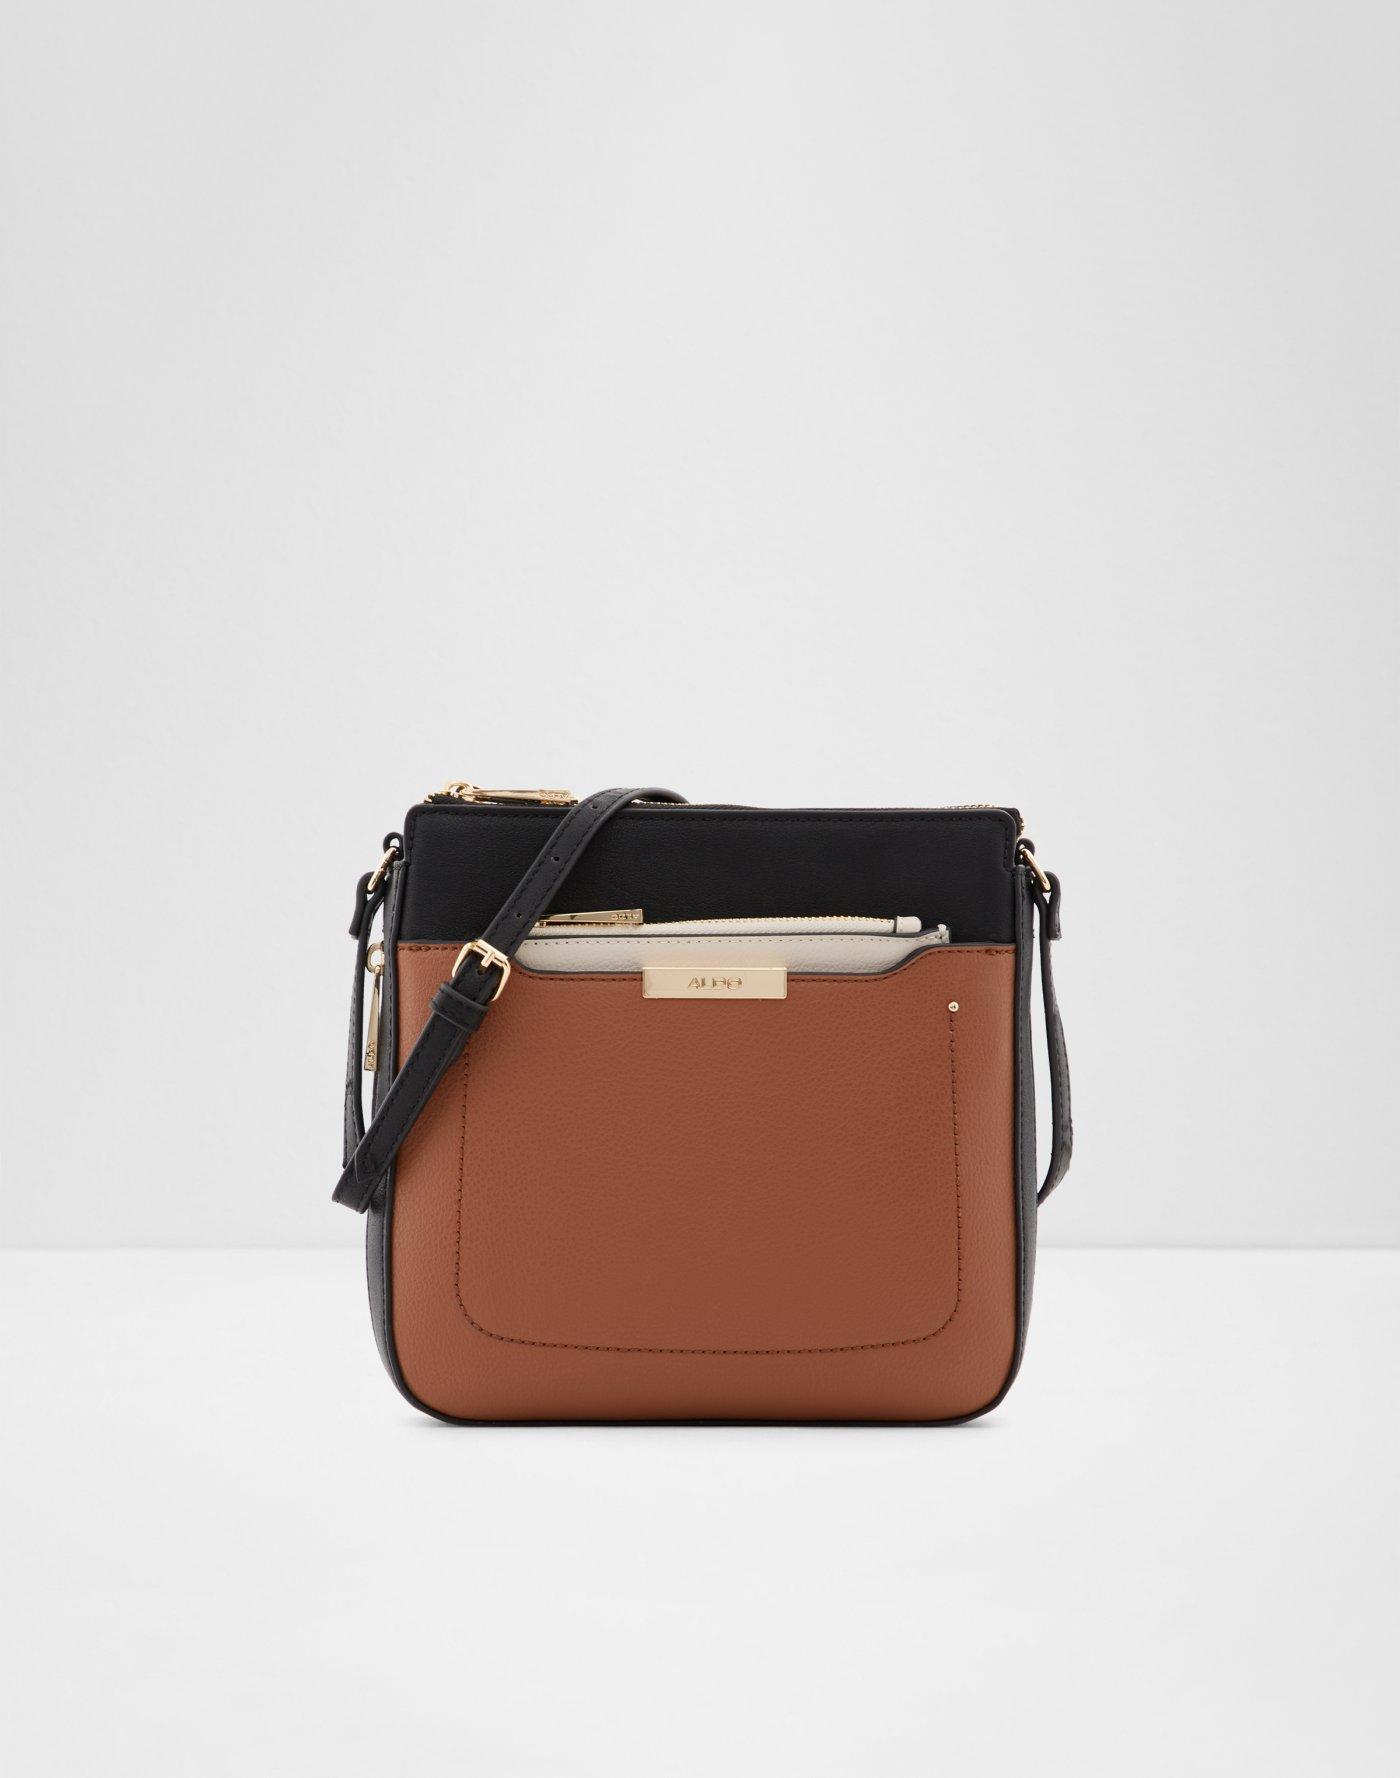 12a843ced6f4 Women's Crossbody Bags | ALDO US | Aldoshoes.com US